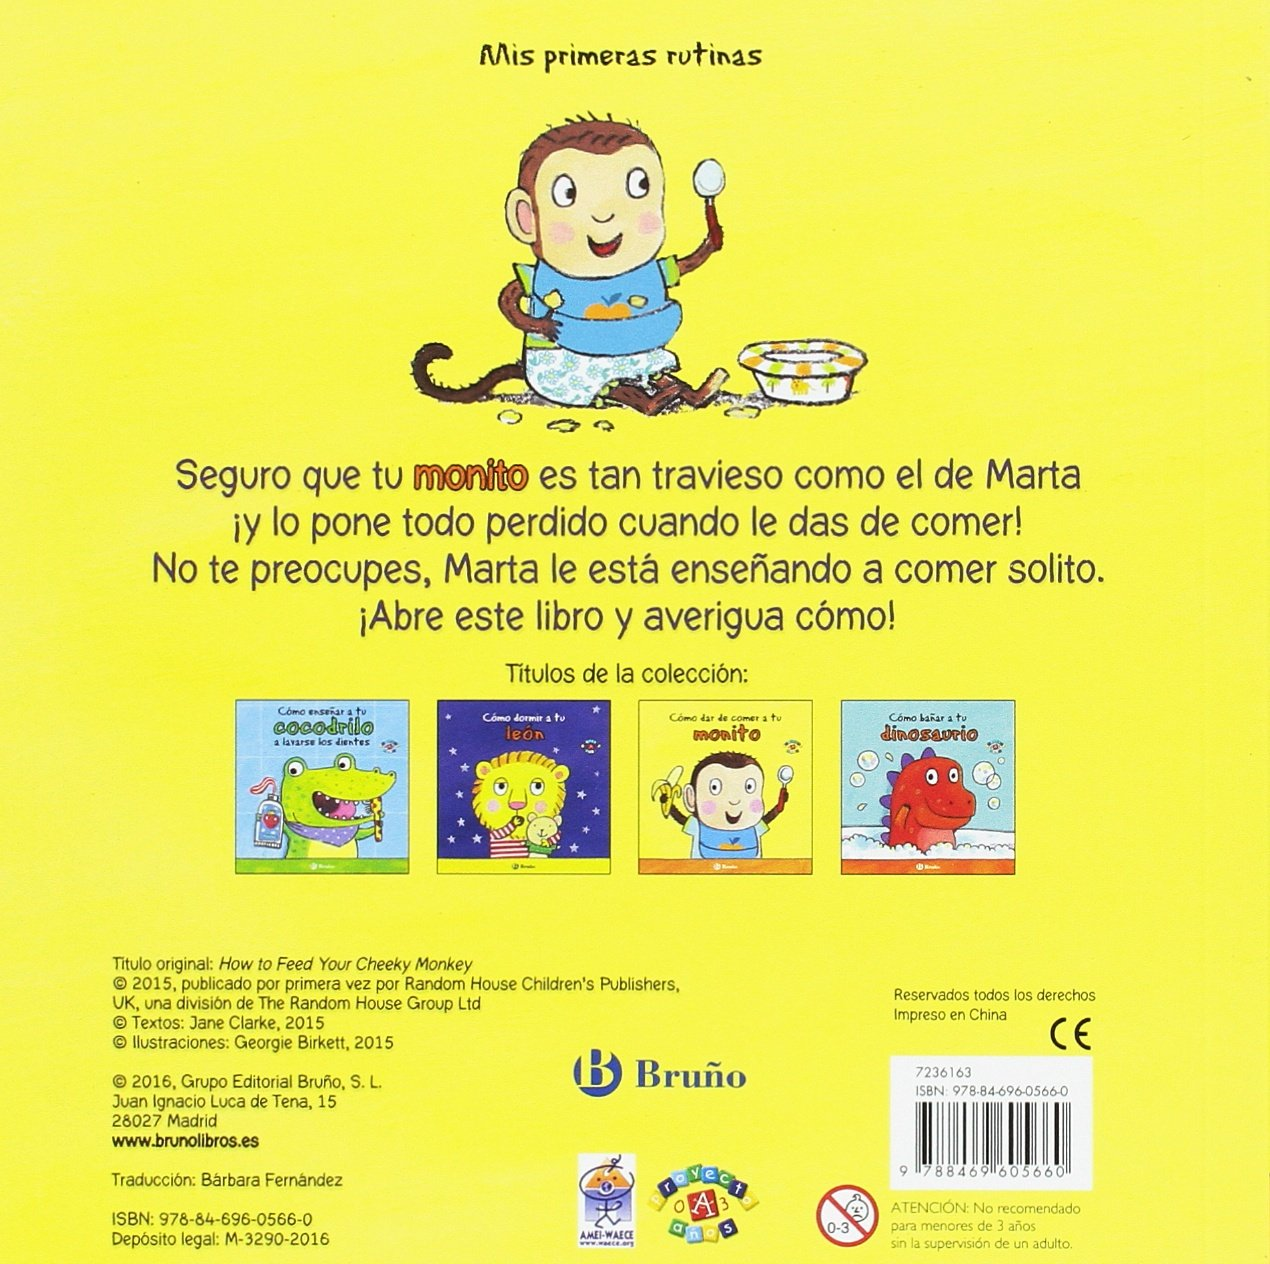 Cómo dar de comer a tu monito Castellano - A Partir De 0 Años - Proyecto De 0 A 3 Años - Libros Para Desarrollar El Lenguaje: Amazon.es: Jane Clarke, ...